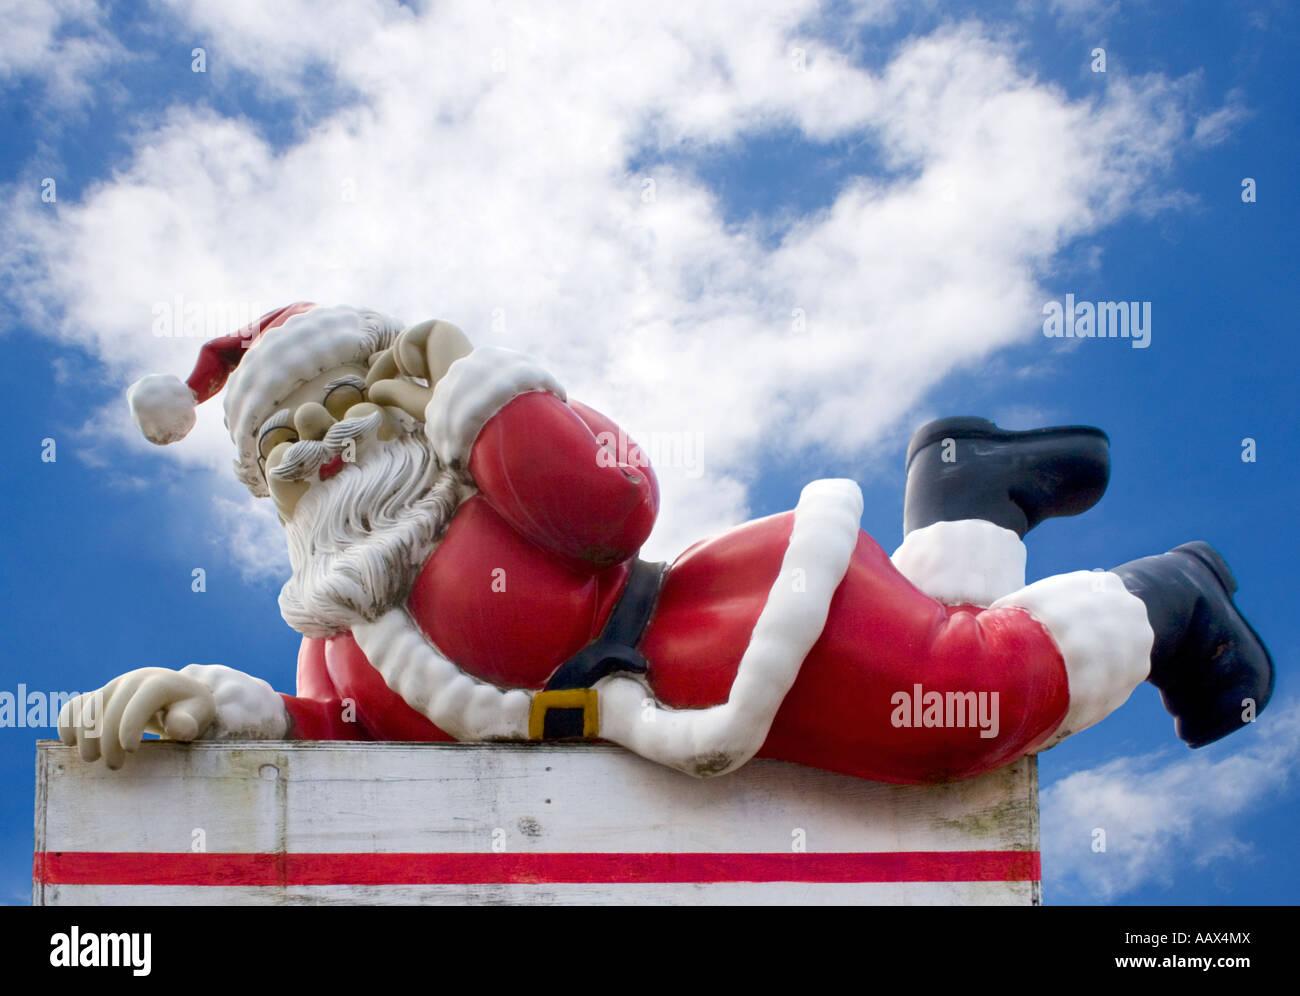 Santa Claus lounging at Santas Workshop in rural CT - Stock Image